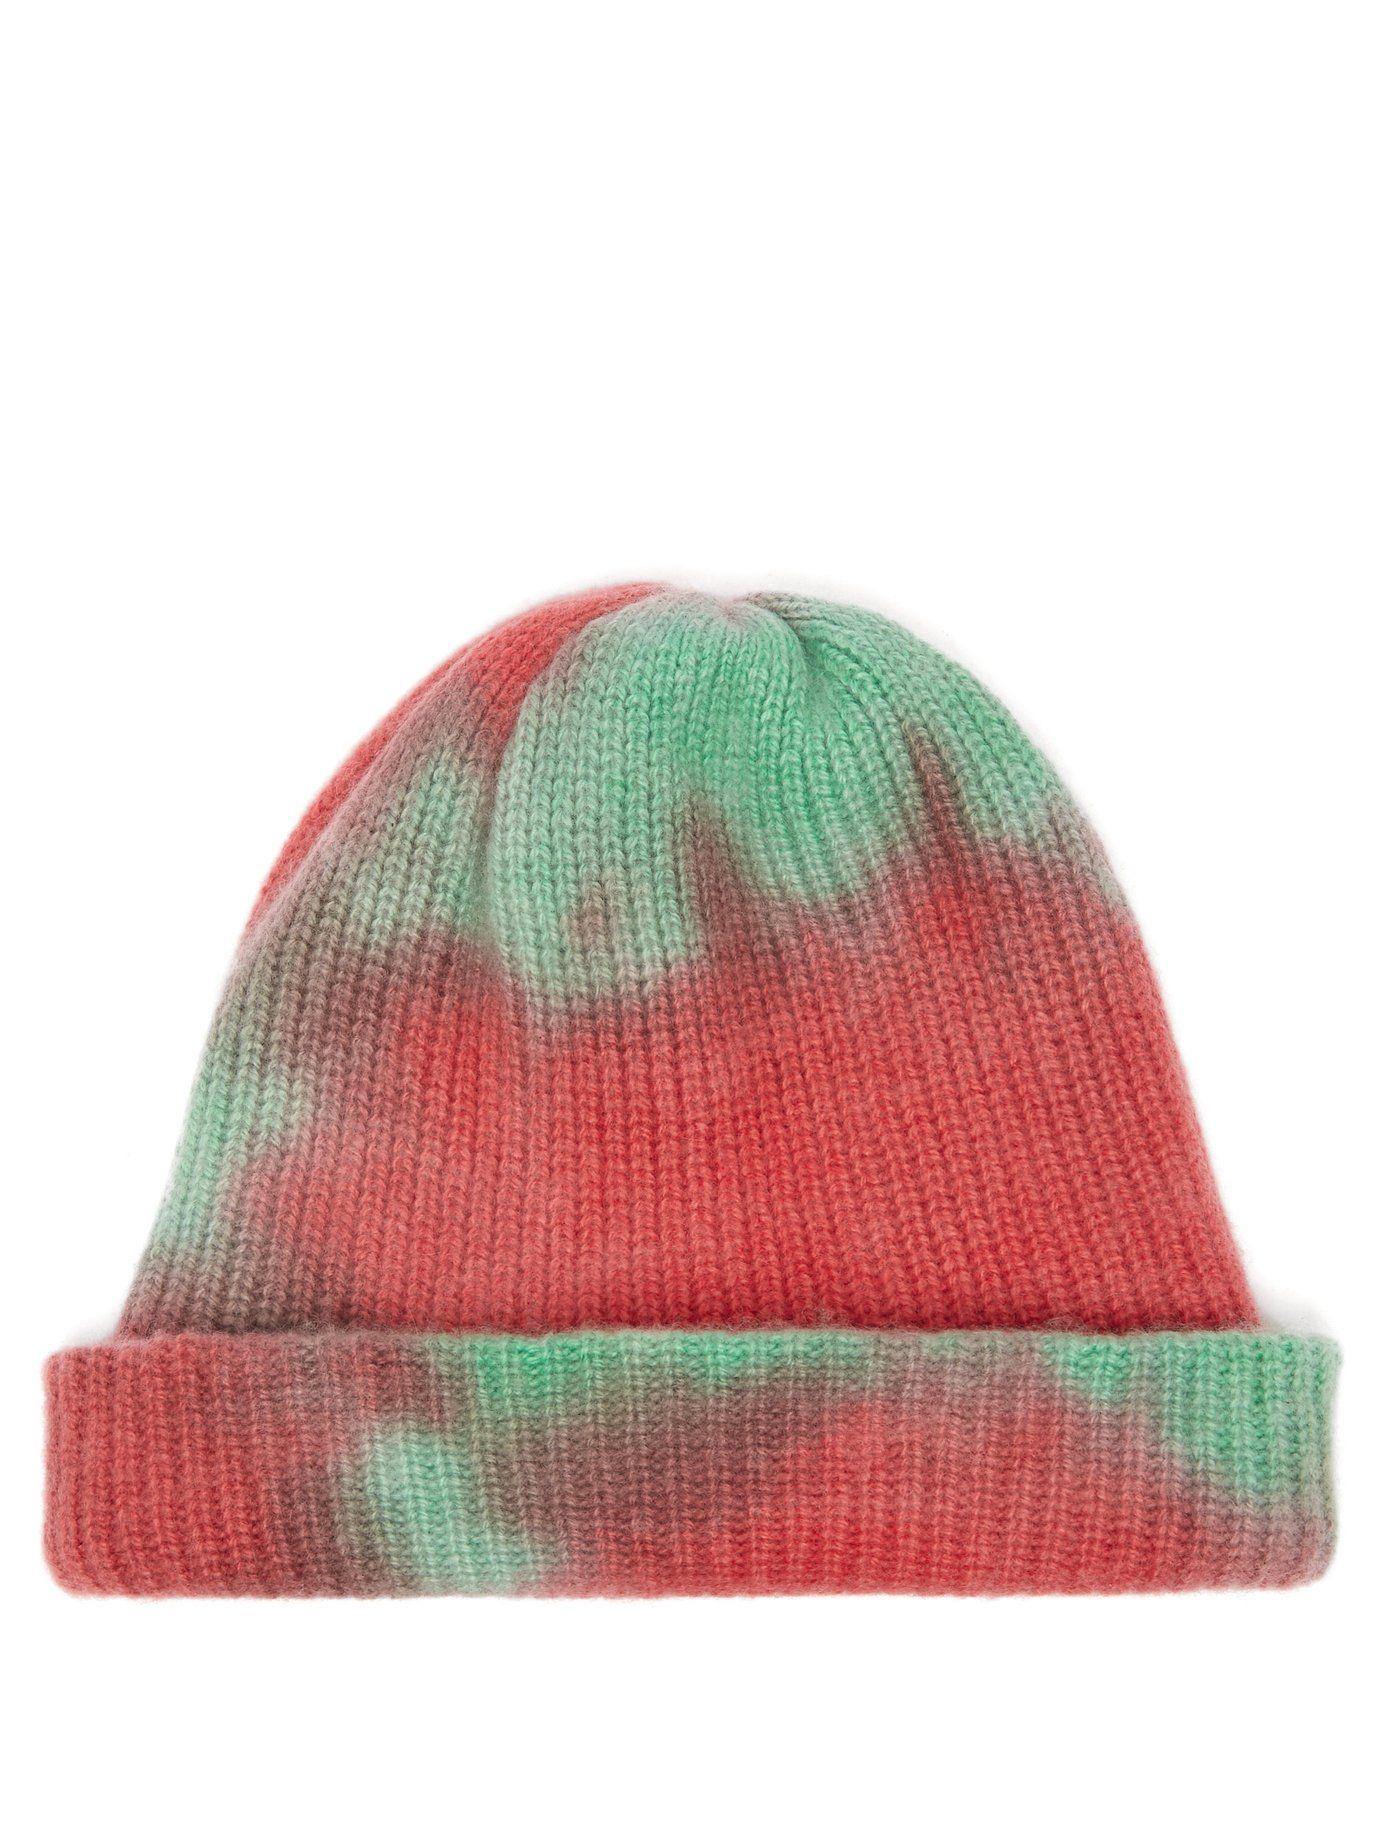 ab7326e31 Tie-dye cashmere beanie hat | The Elder Statesman | jewelry ...